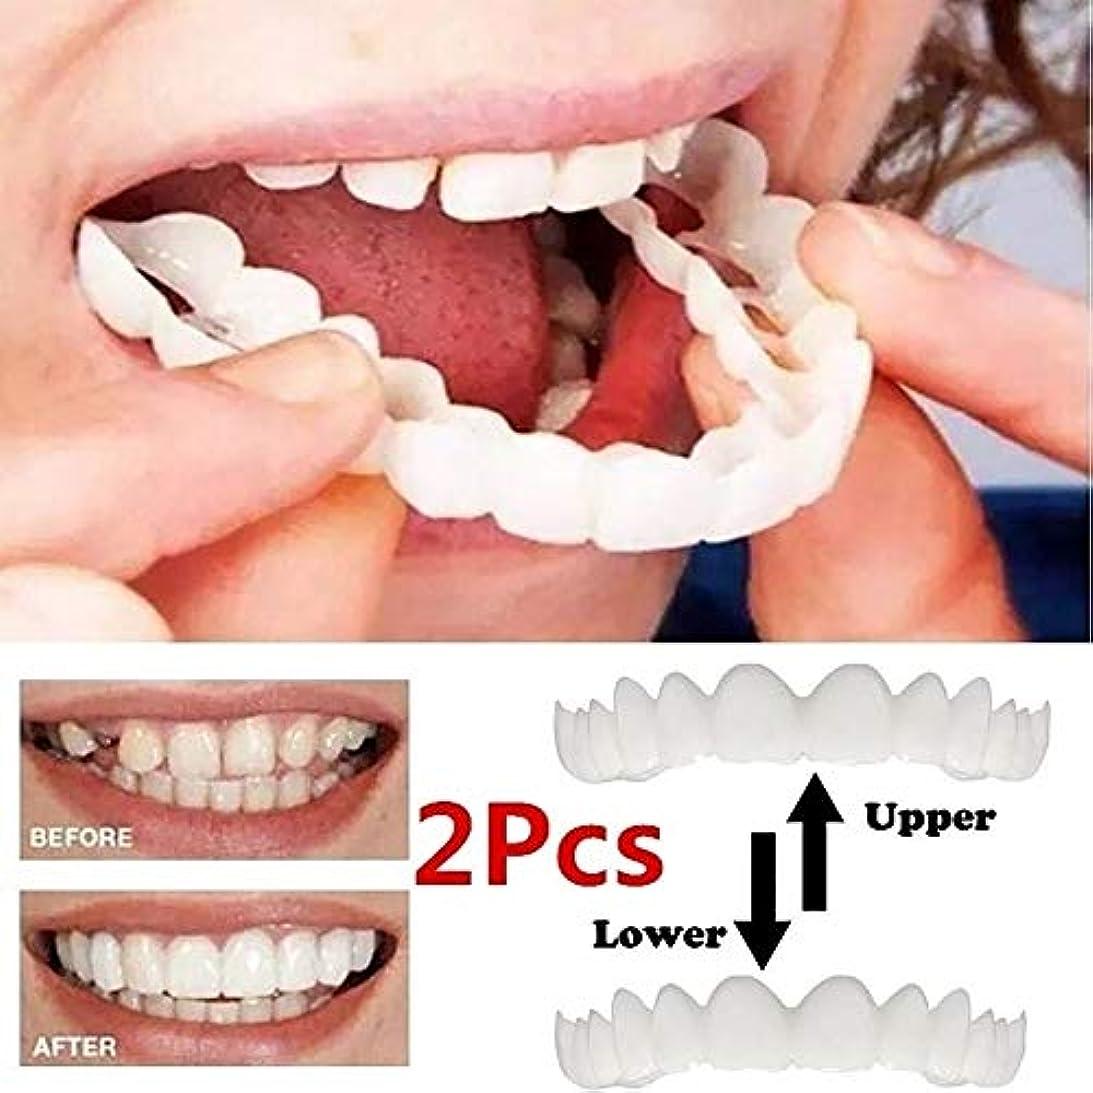 警察署バナナ安全性2ピース再利用可能大人スナップオンパーフェクトスマイルホワイトニング義歯フィットフレックス化粧品歯快適なベニアカバーデンタルケアアクセサリー